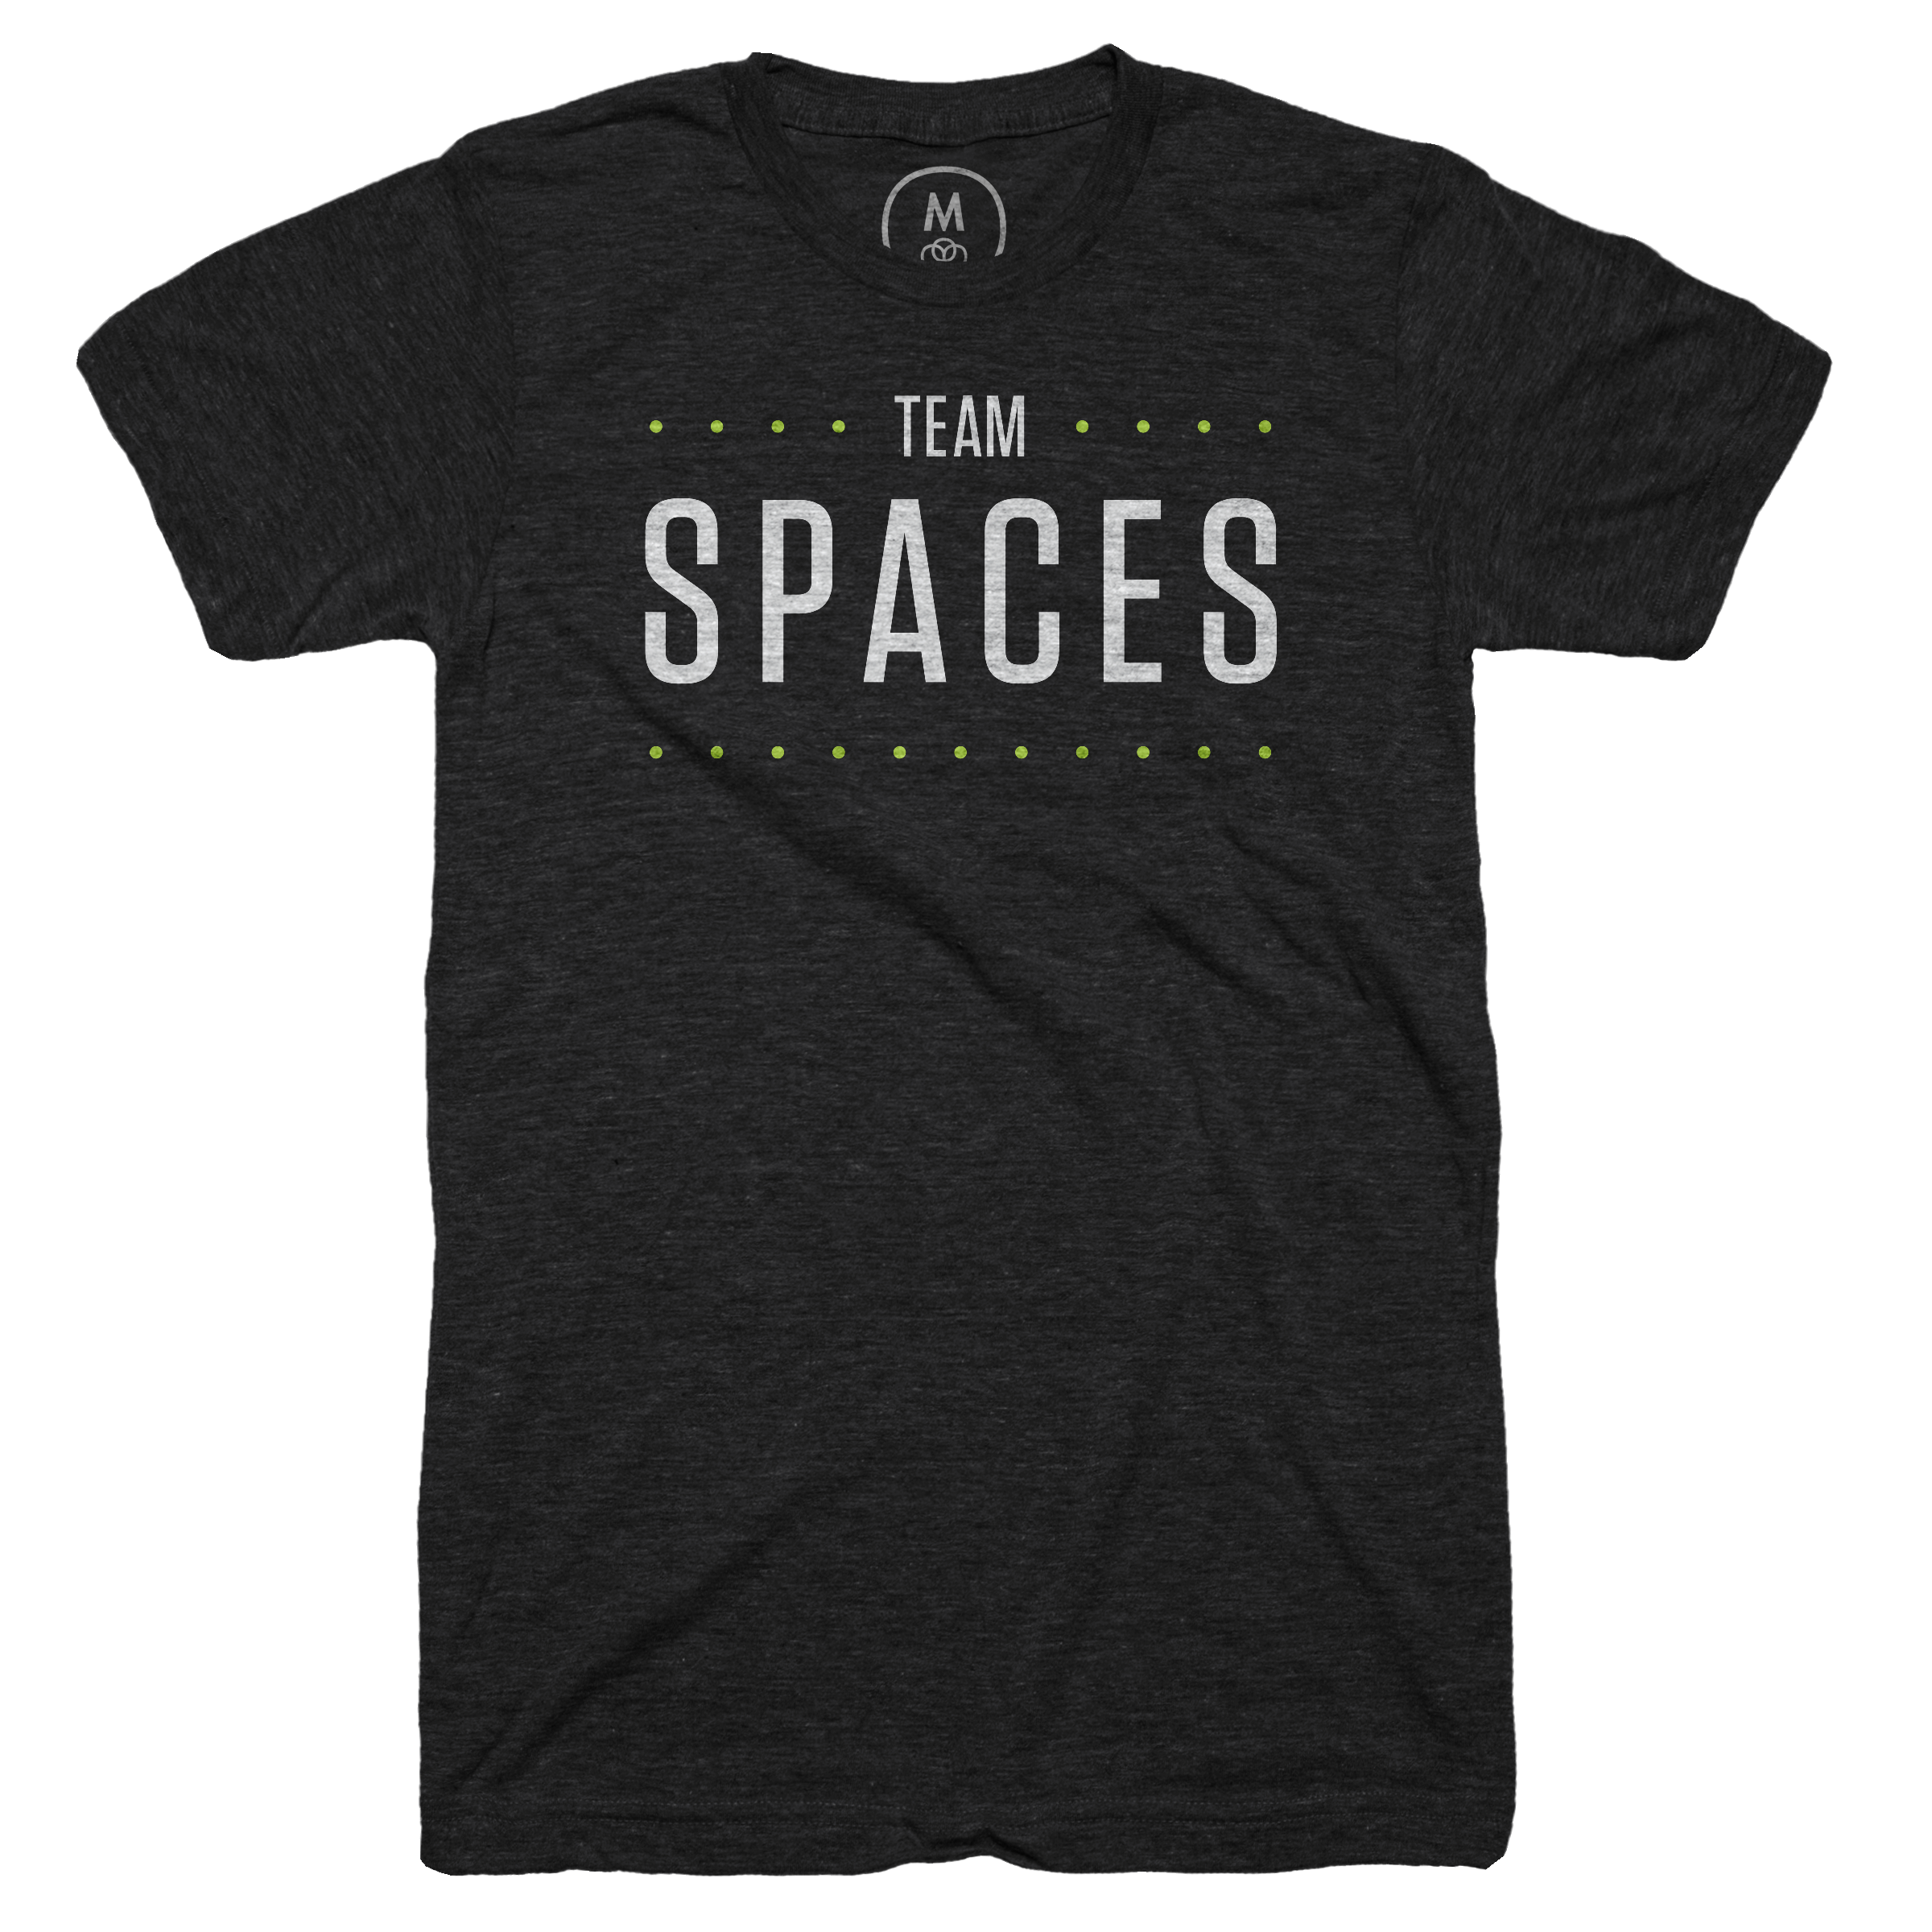 Team Spaces